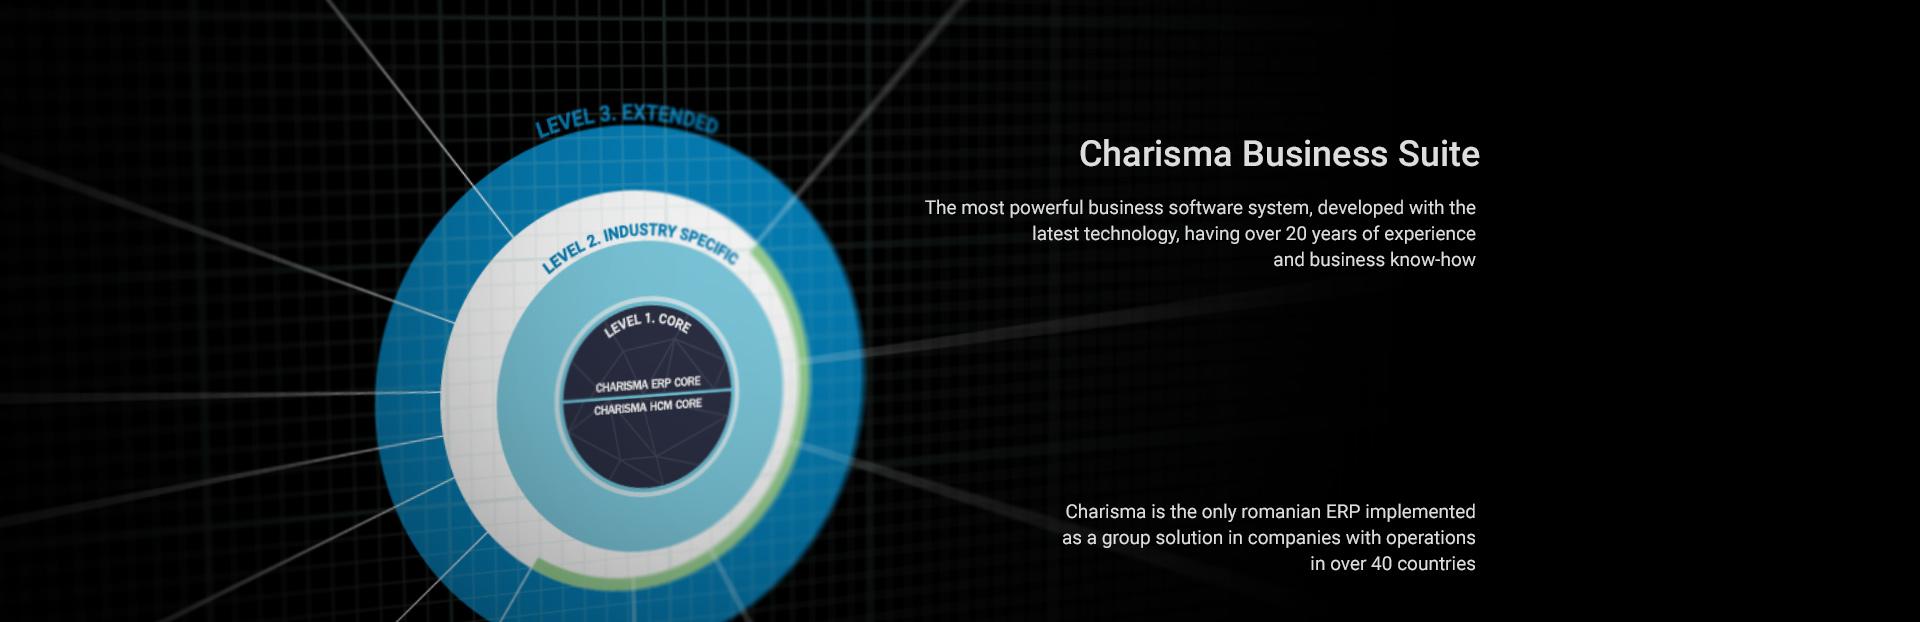 Charisma Business Suite